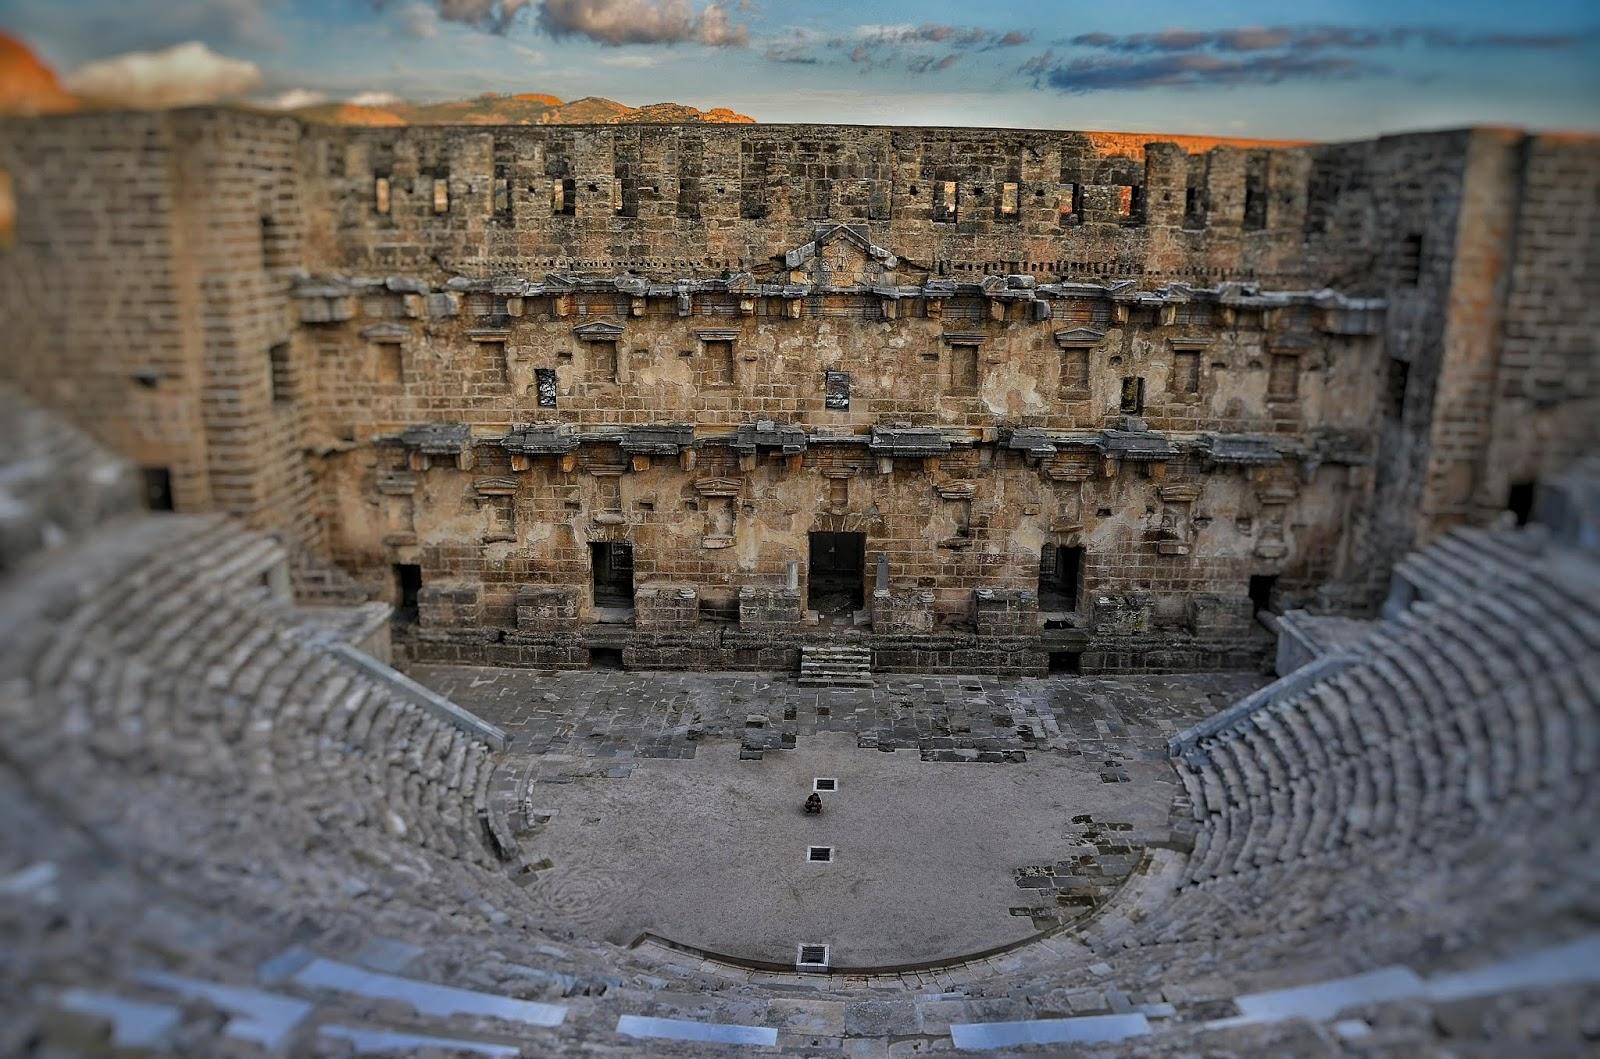 arquitectura romana antigua